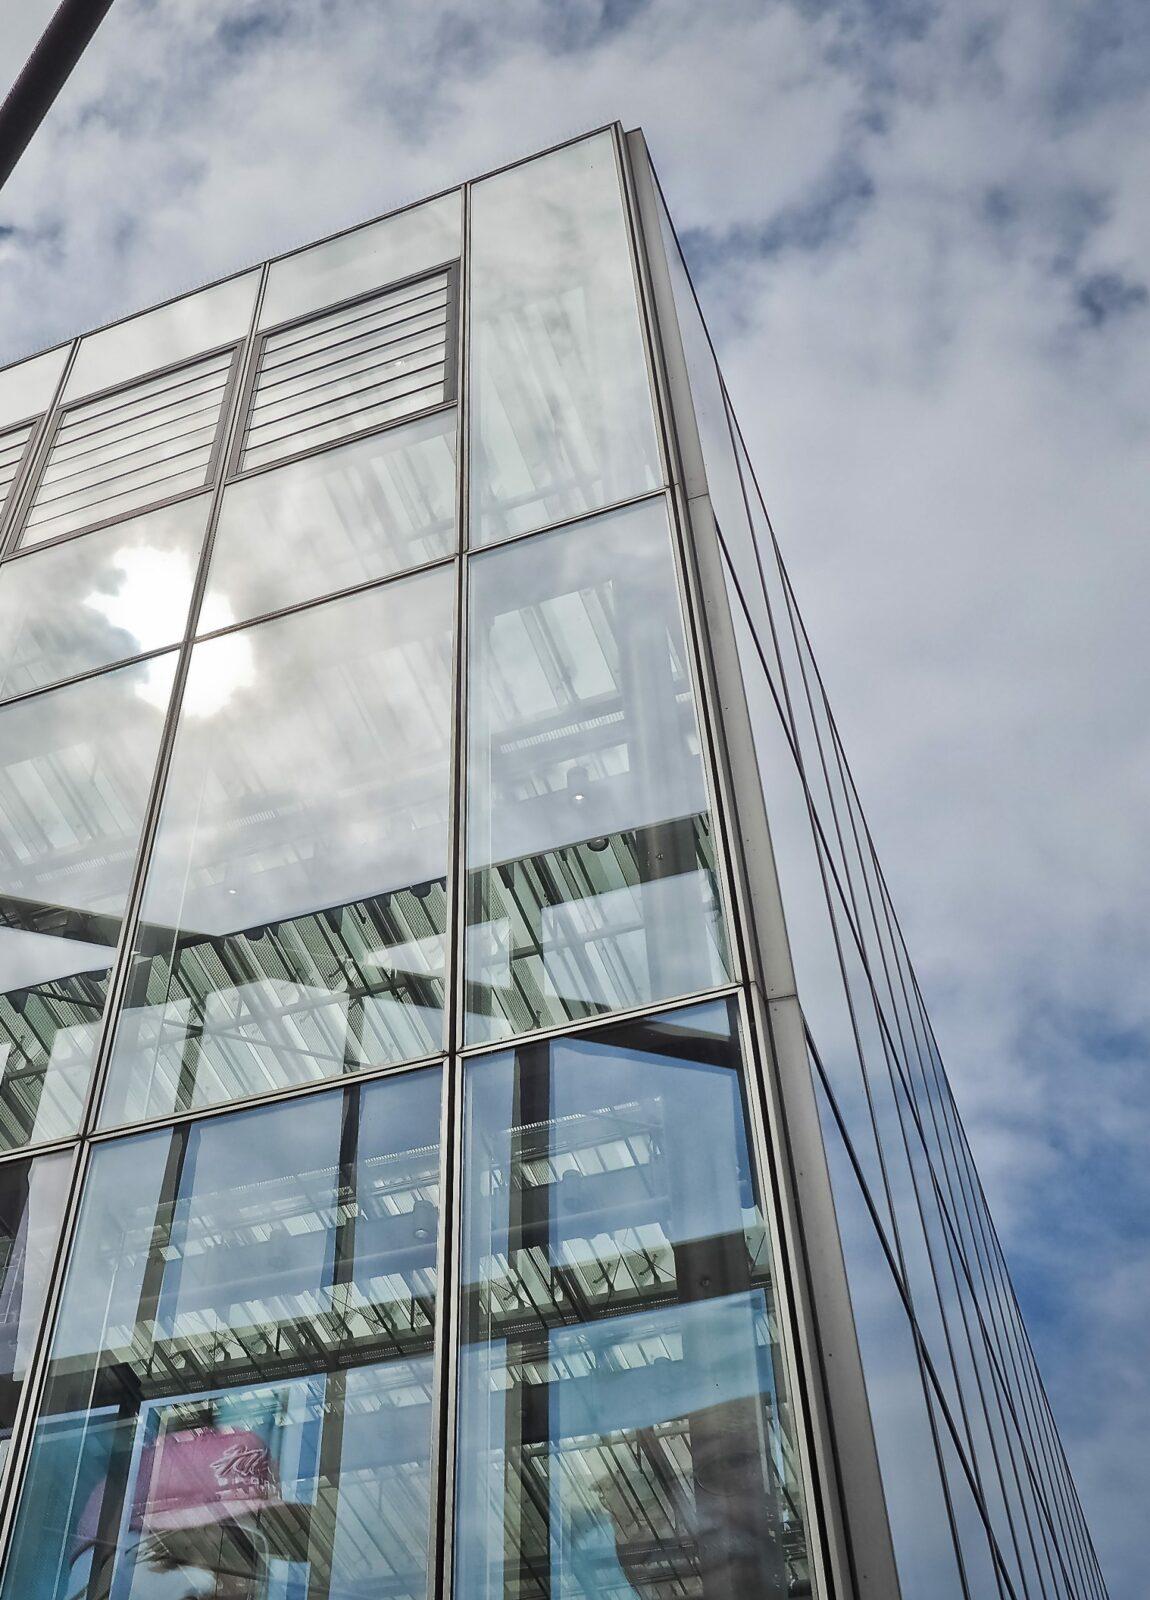 Okno aluminiowe z fasadą na tle niebieskiego nieba z chmurami